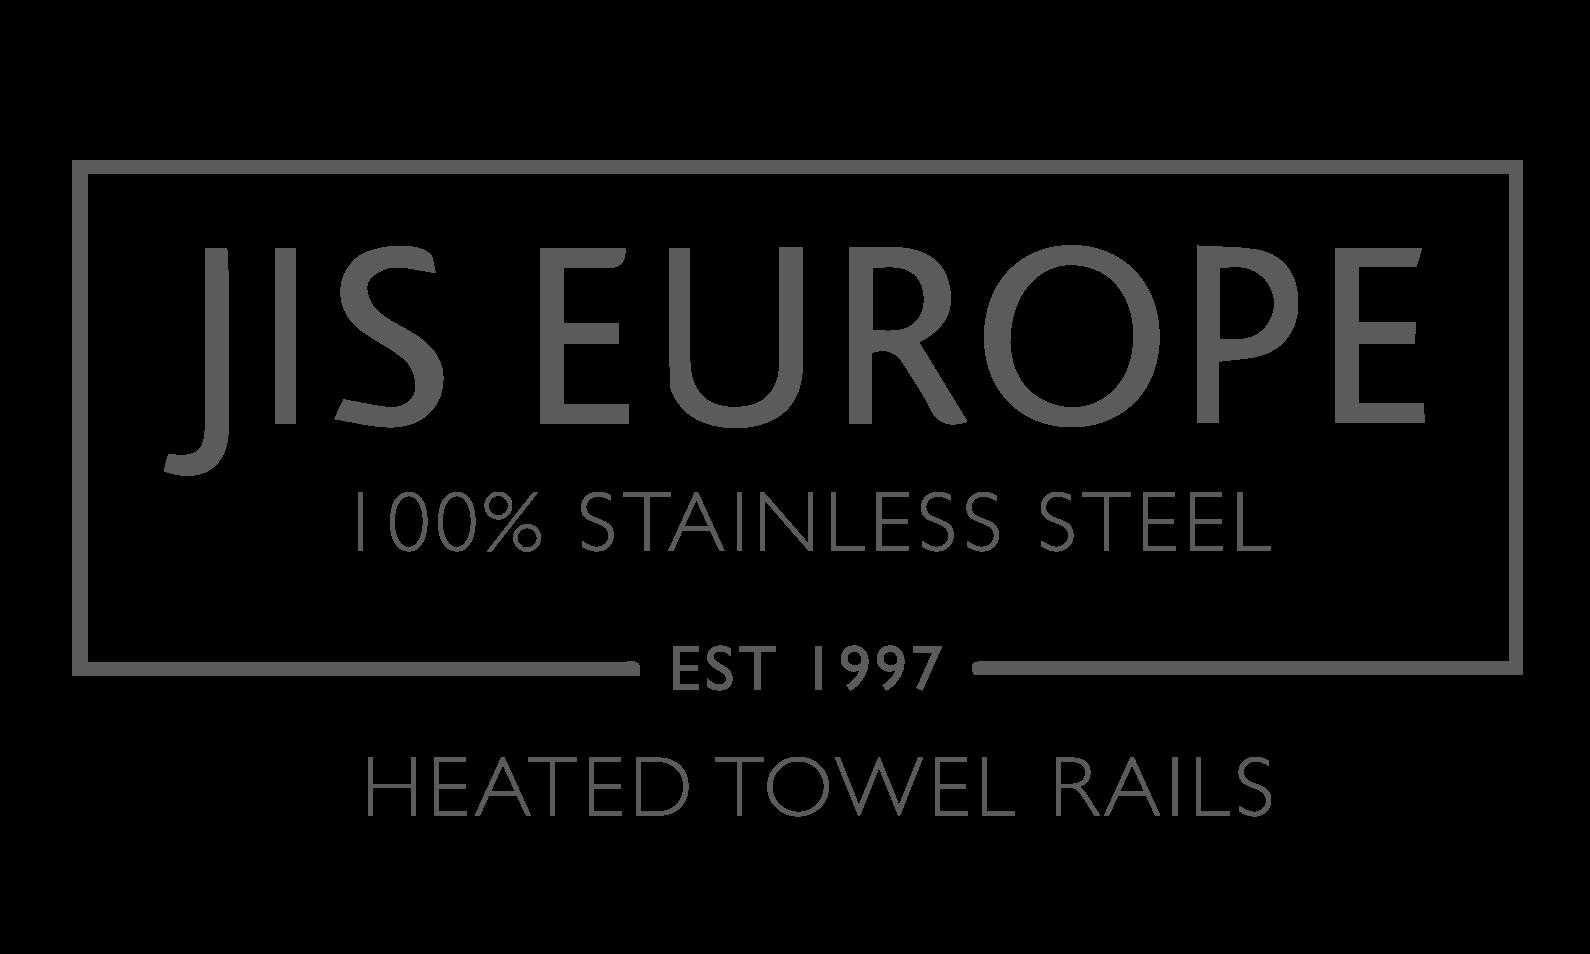 JIS europe logo